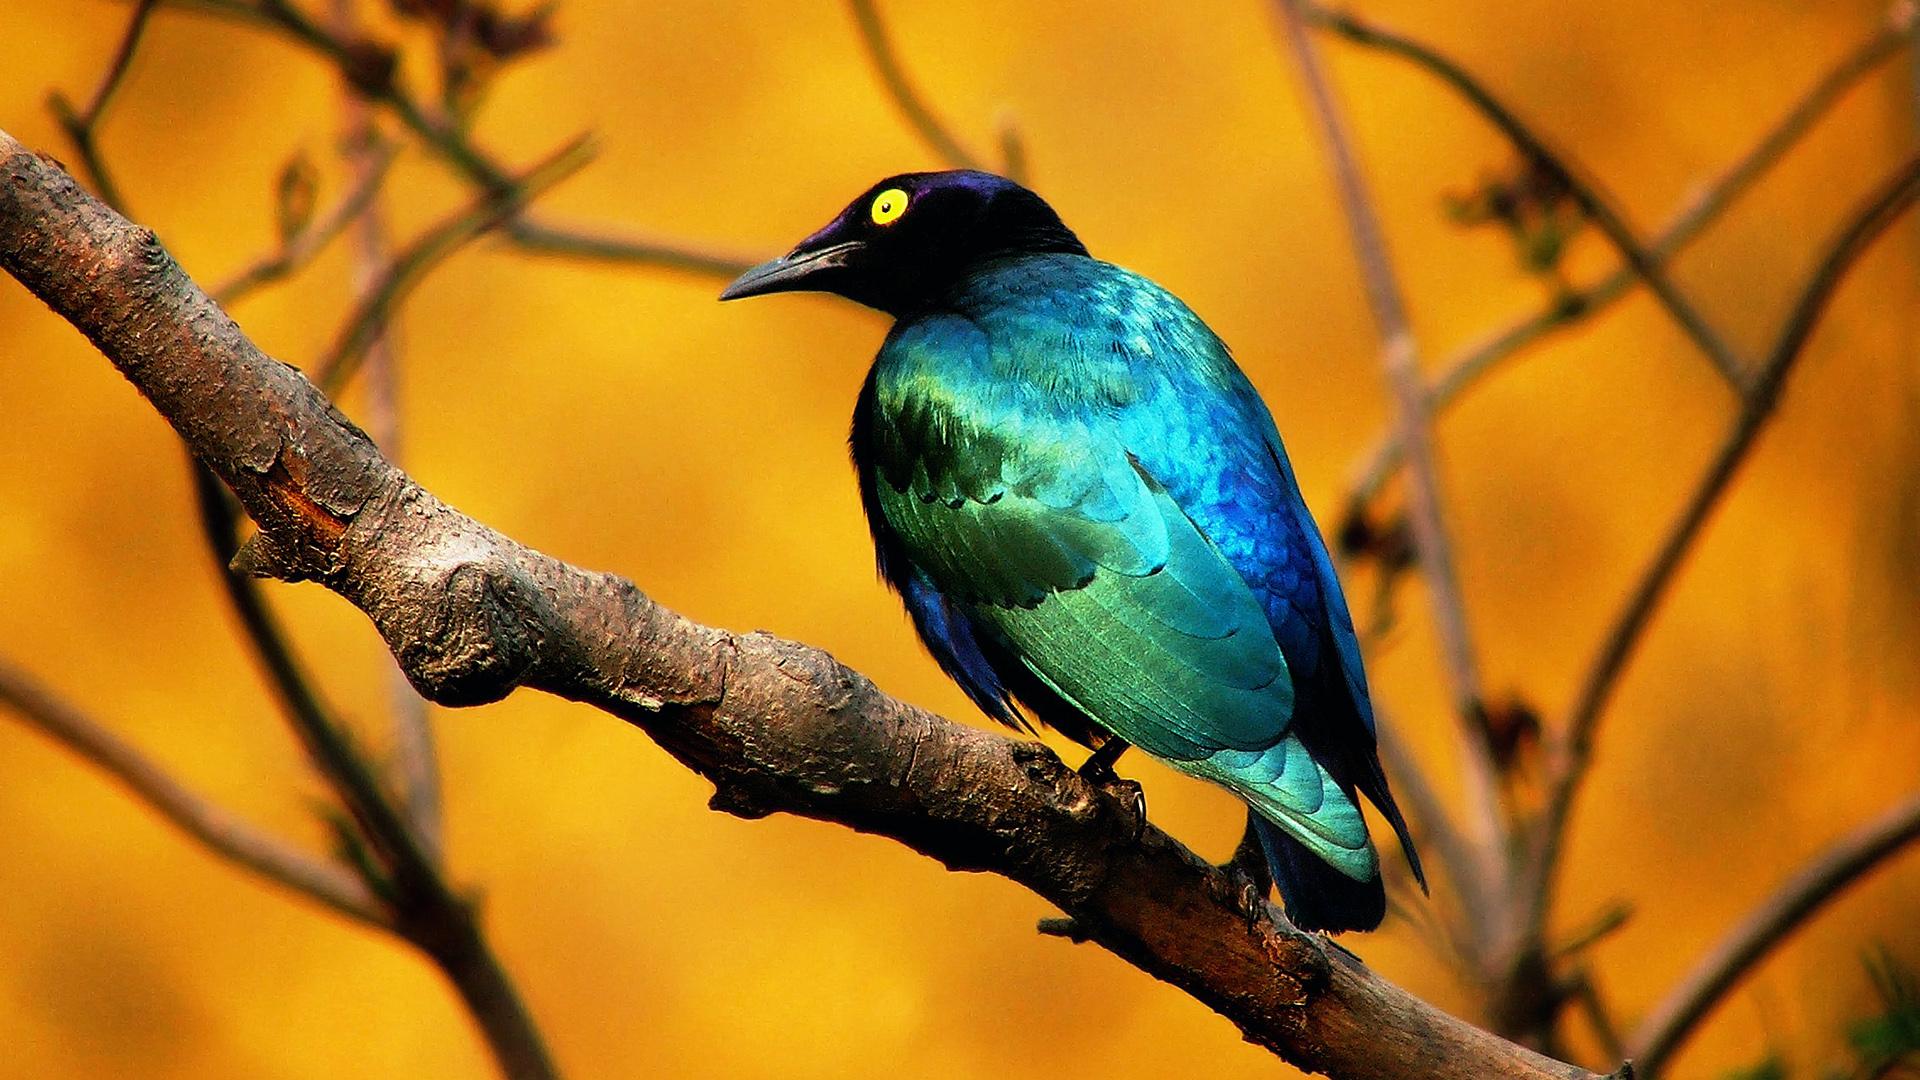 bird wallpaper downloads A1